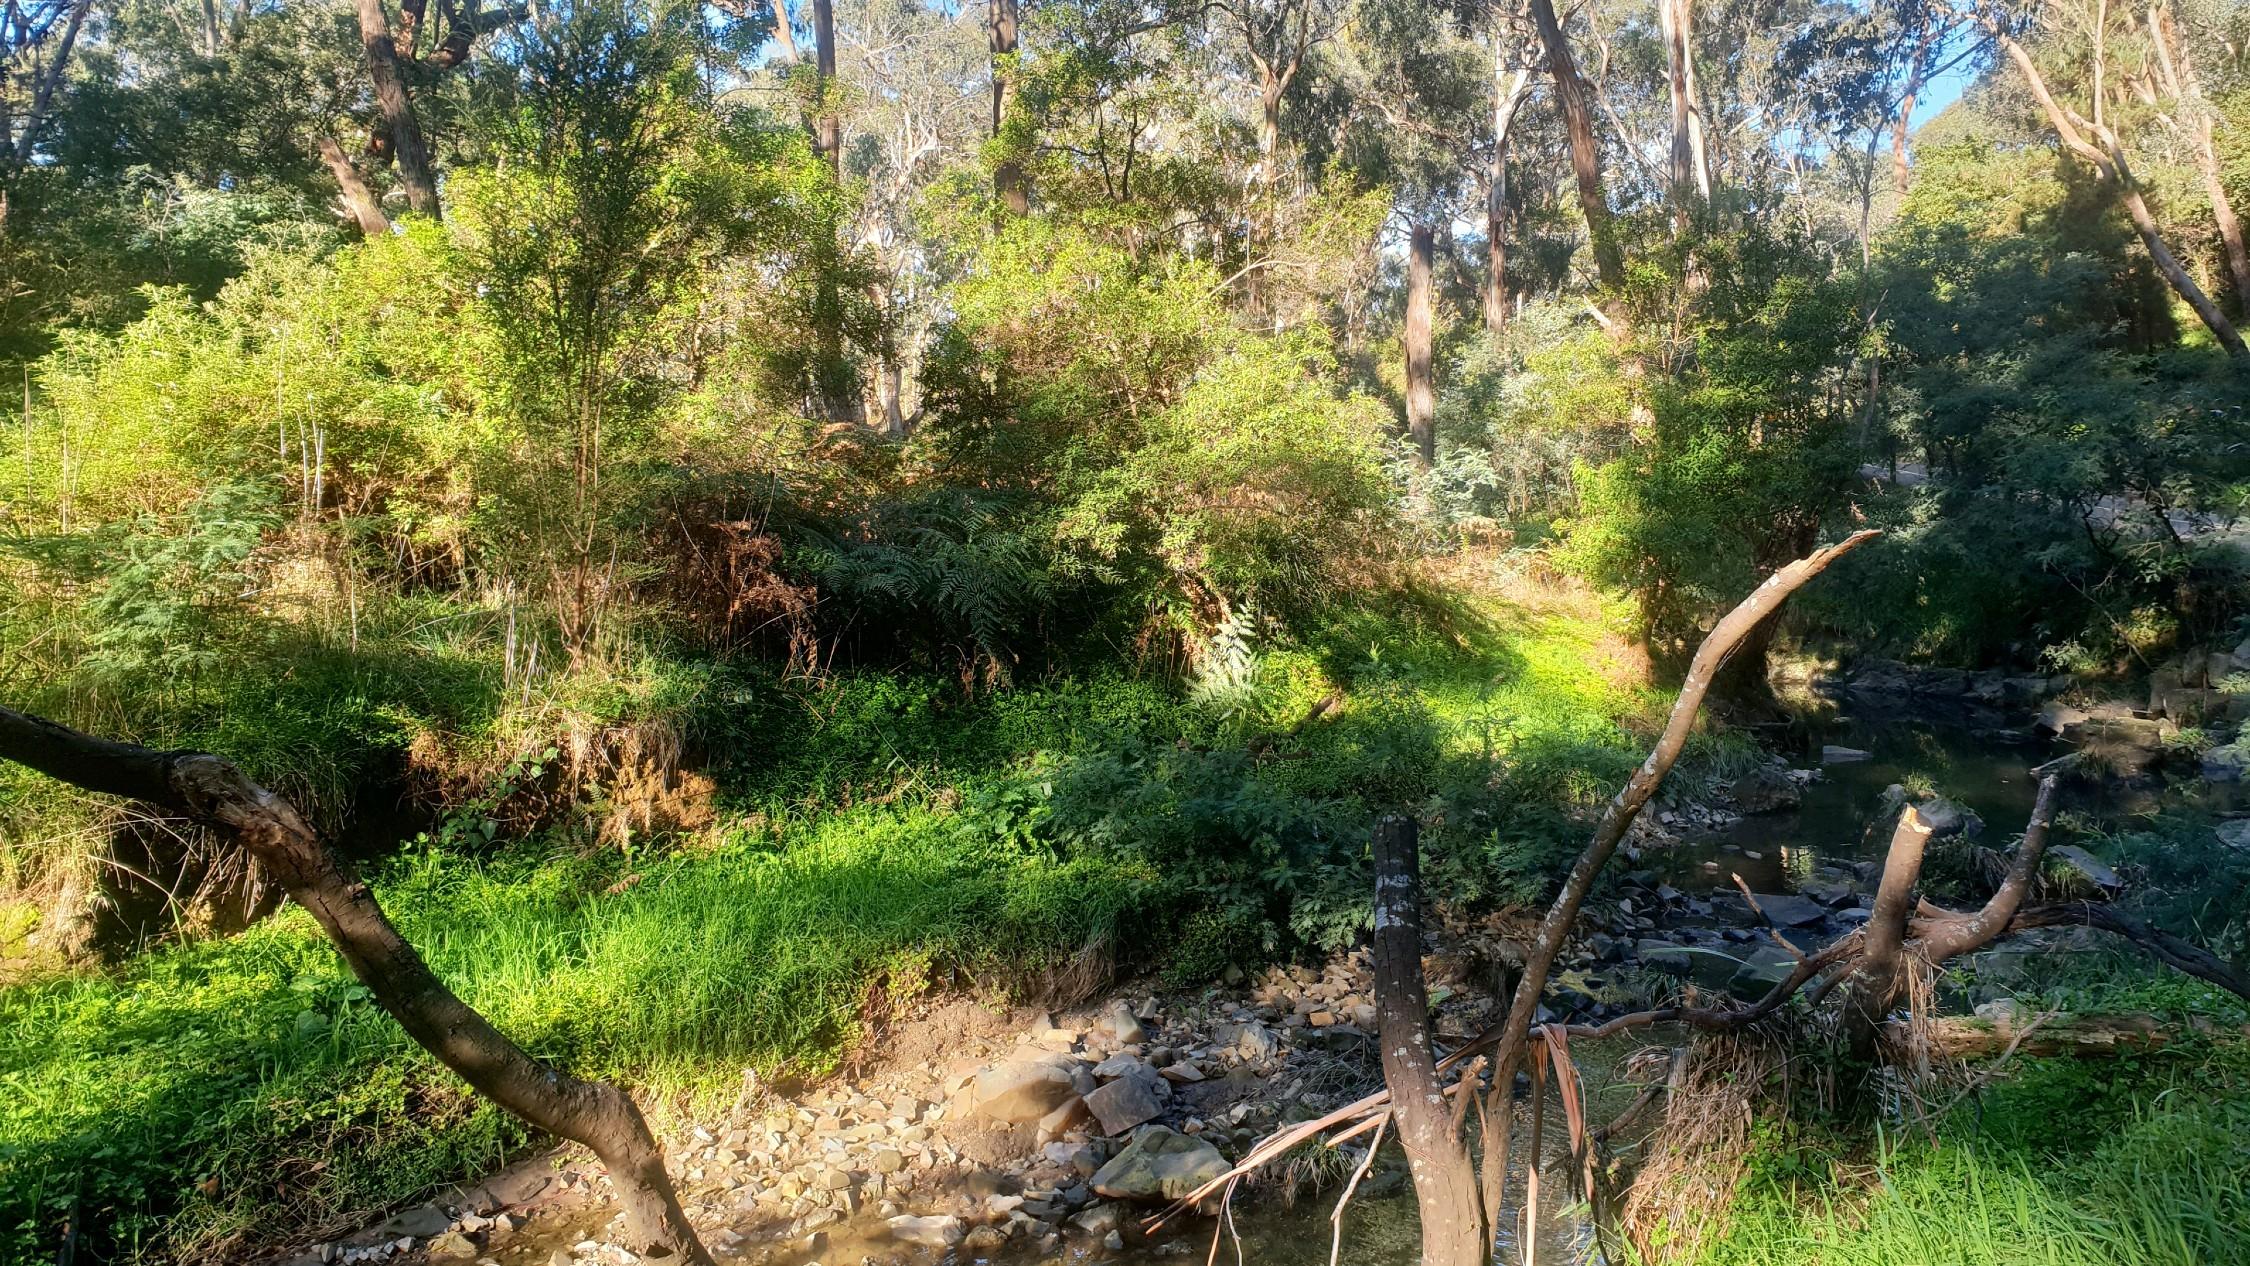 Yarran Dheran Nature Reserve